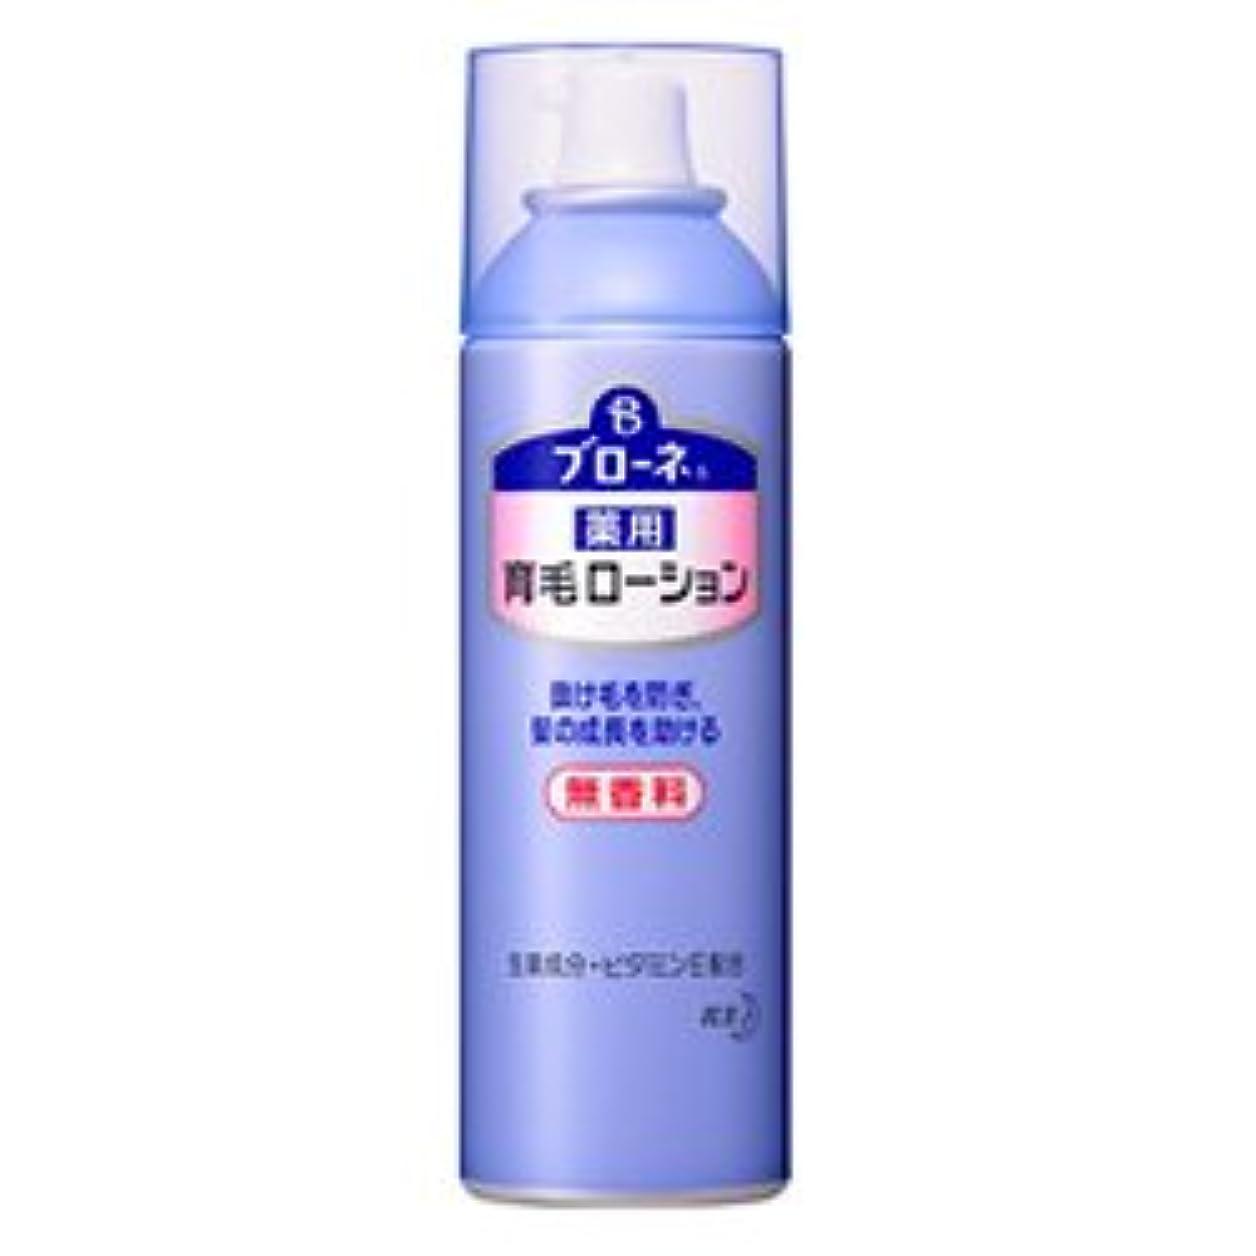 有益パイル概要【花王】ブローネ 薬用育毛ローション 無香料 (180g) ×5個セット